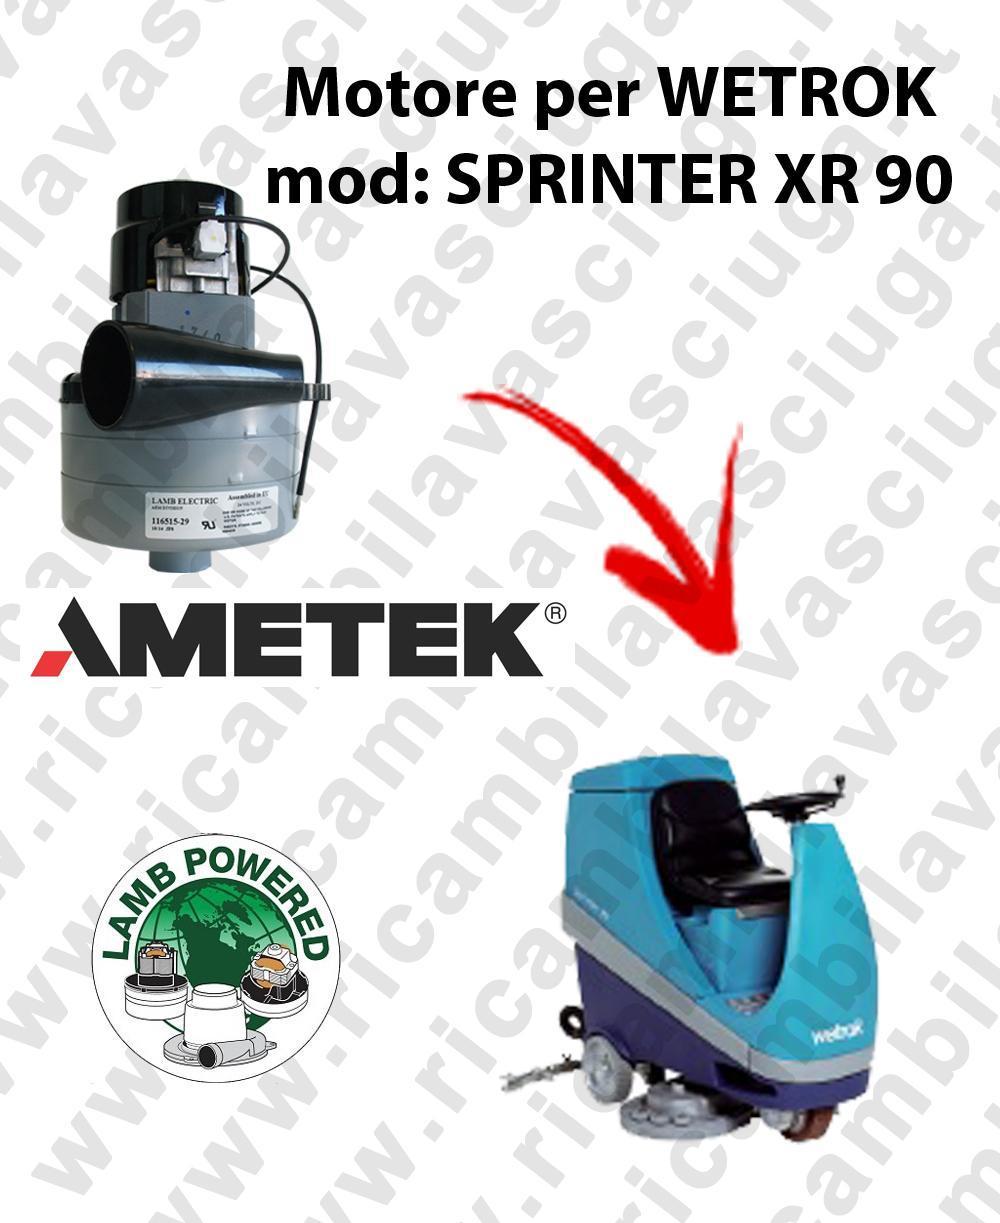 SPRINTER XR 90 Motore de aspiración LAMB AMETEK para fregadora WETROK